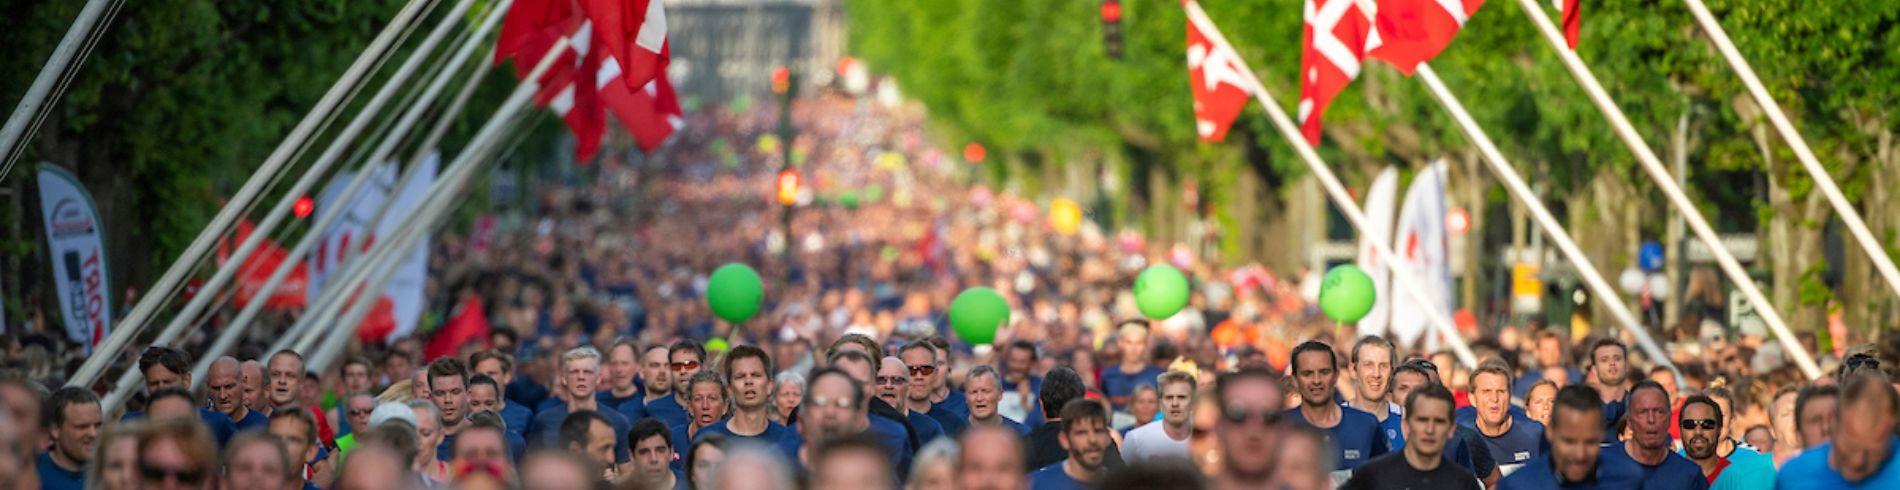 Royal Run billedgalleri cover image